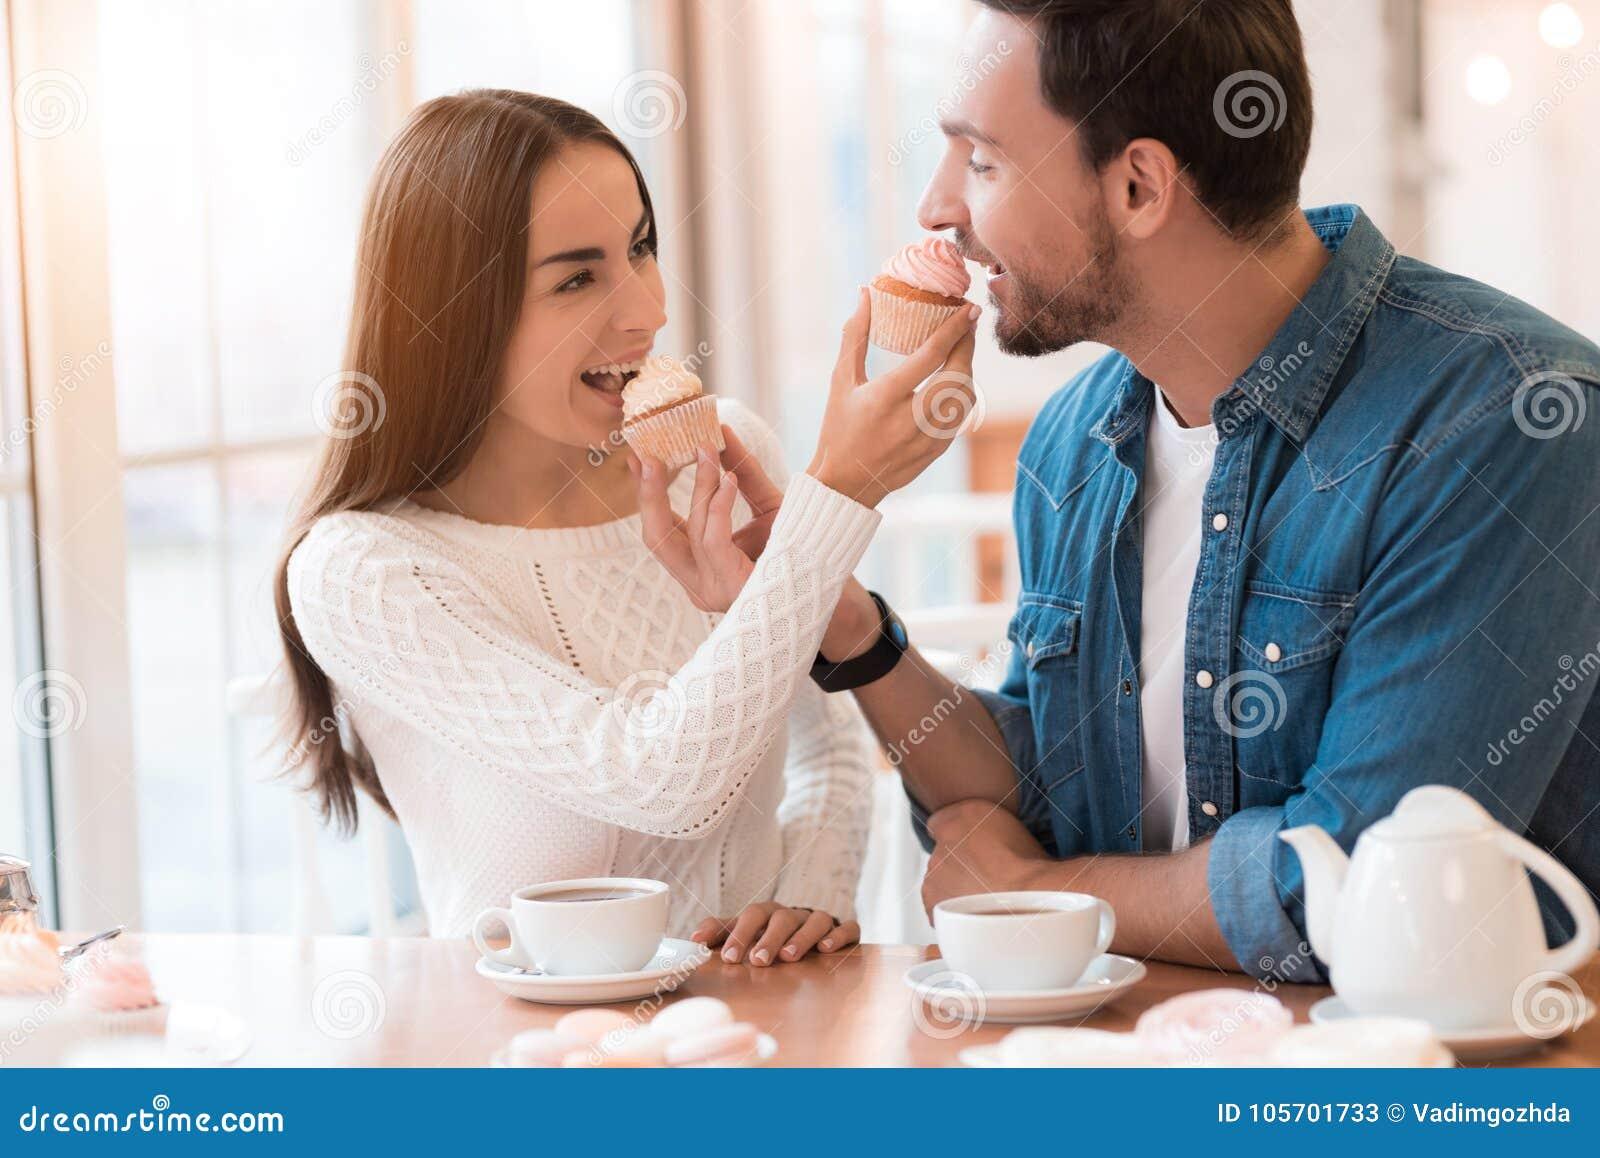 Lustige Profilsie für Dating-Website